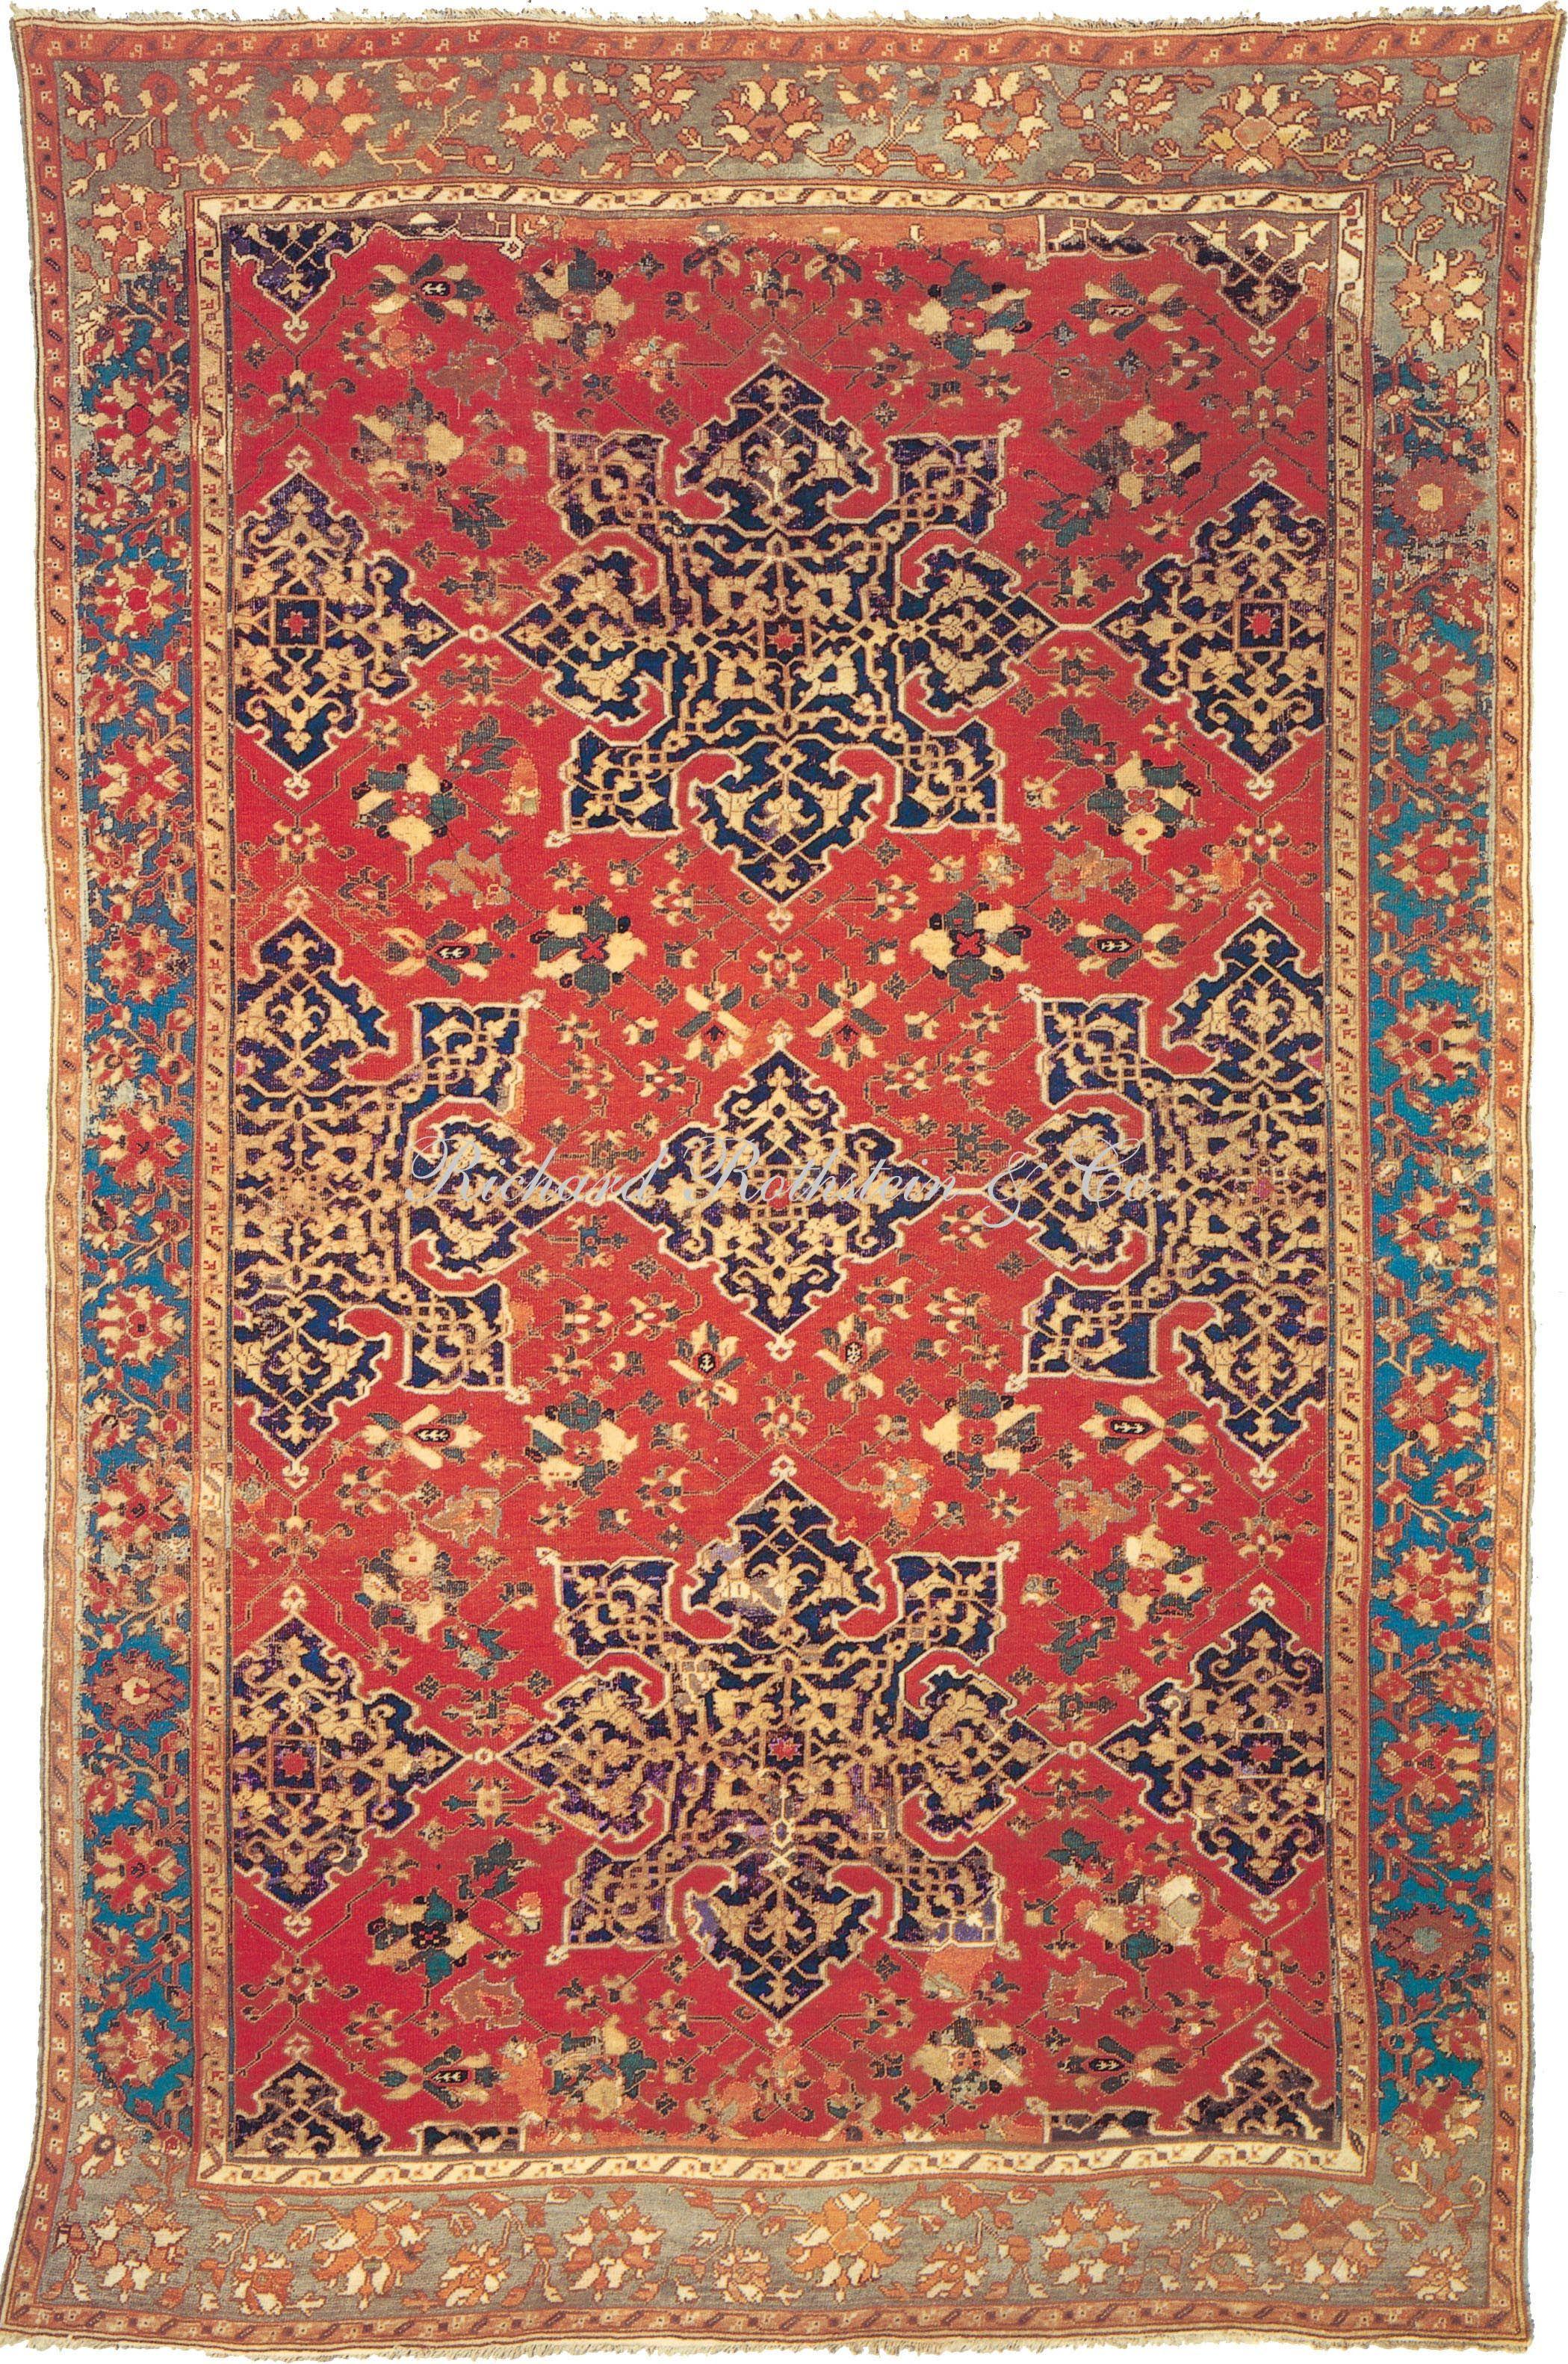 Antique Oushak Rug 6 3 X 9 7 I Historic Oriental Rugs Collection Size 6 3 X 9 7 Rugs Antique Oushak Rugs Antique Oushak